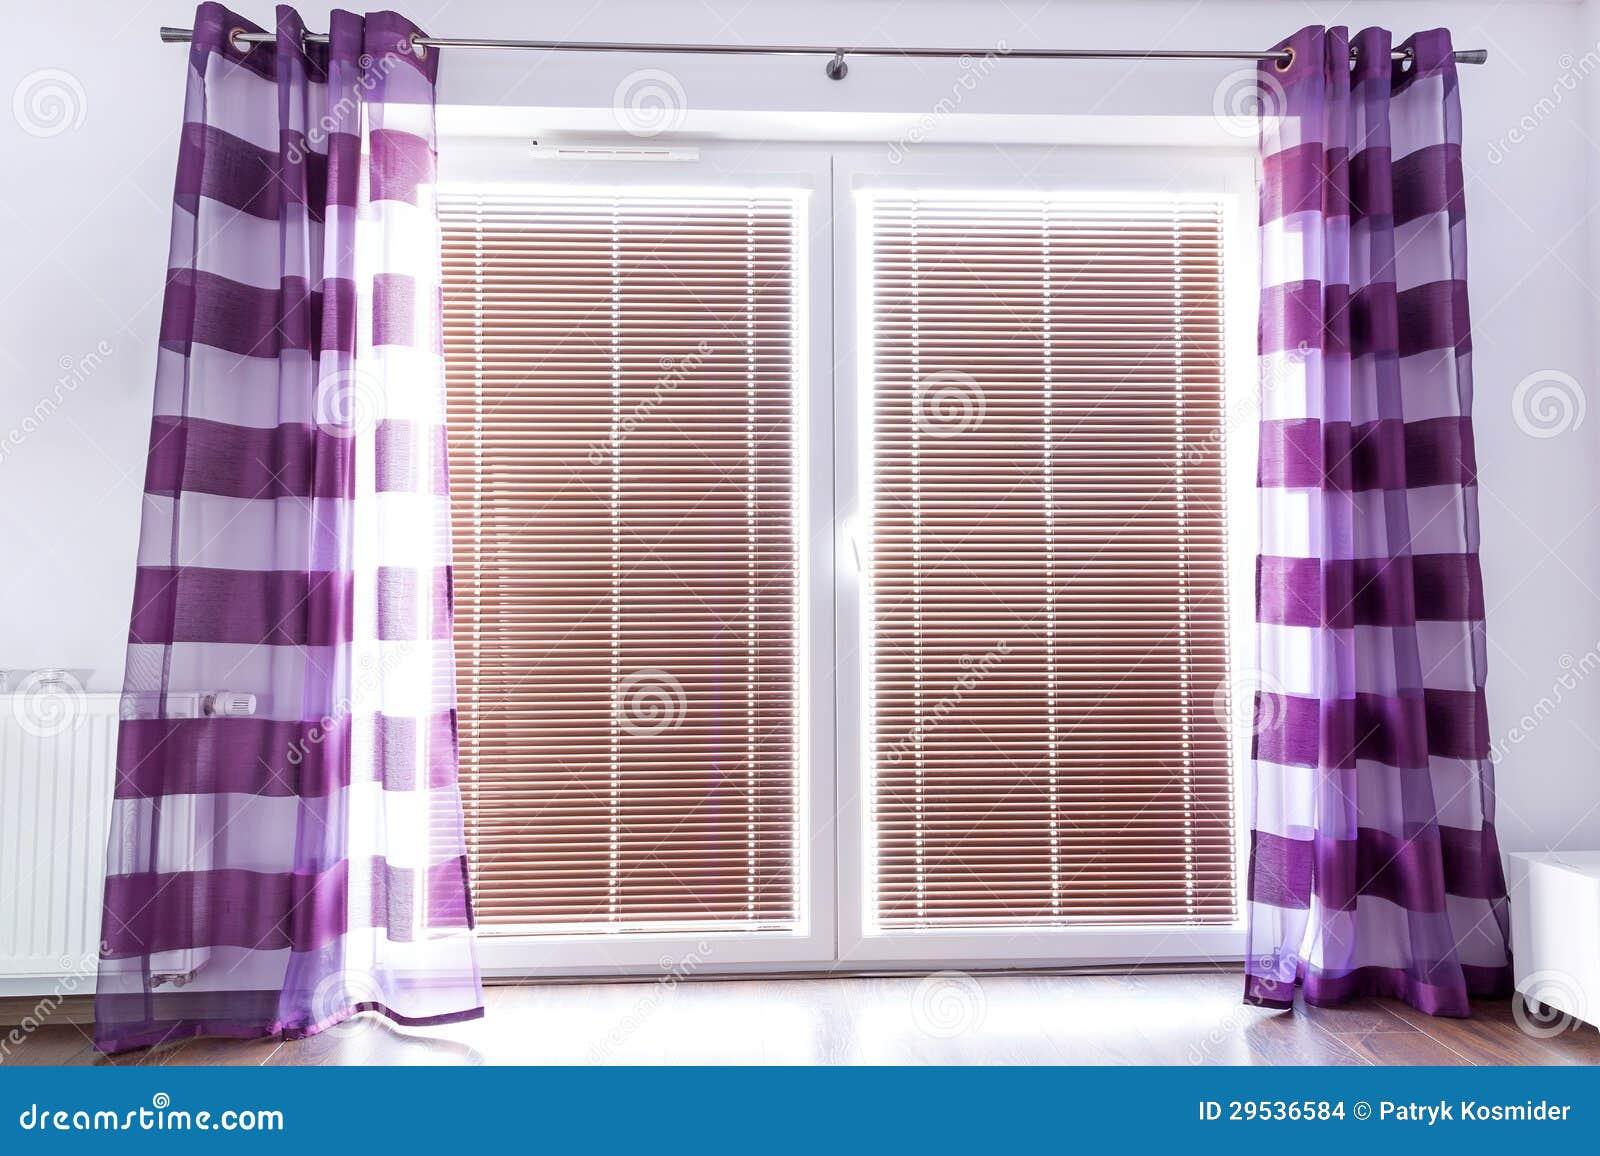 Tende Appartamento Design ~ avienix.com for .